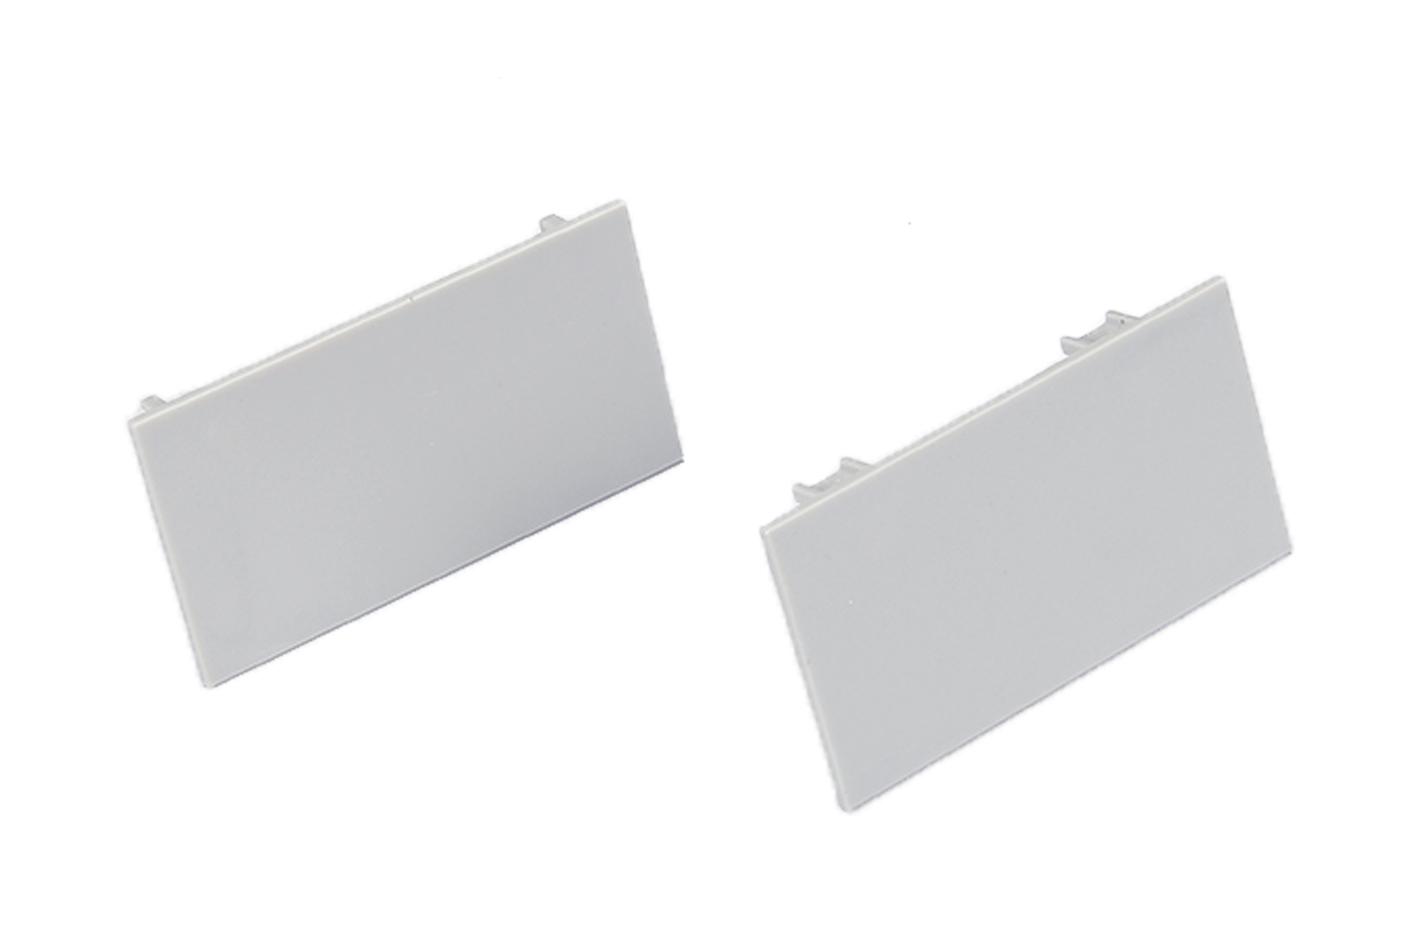 Coppia Tappi Tappini Termine Per Chiusure Profilo Barra Alluminio Da Parete Luce Indiretta BA0006 - PAIO